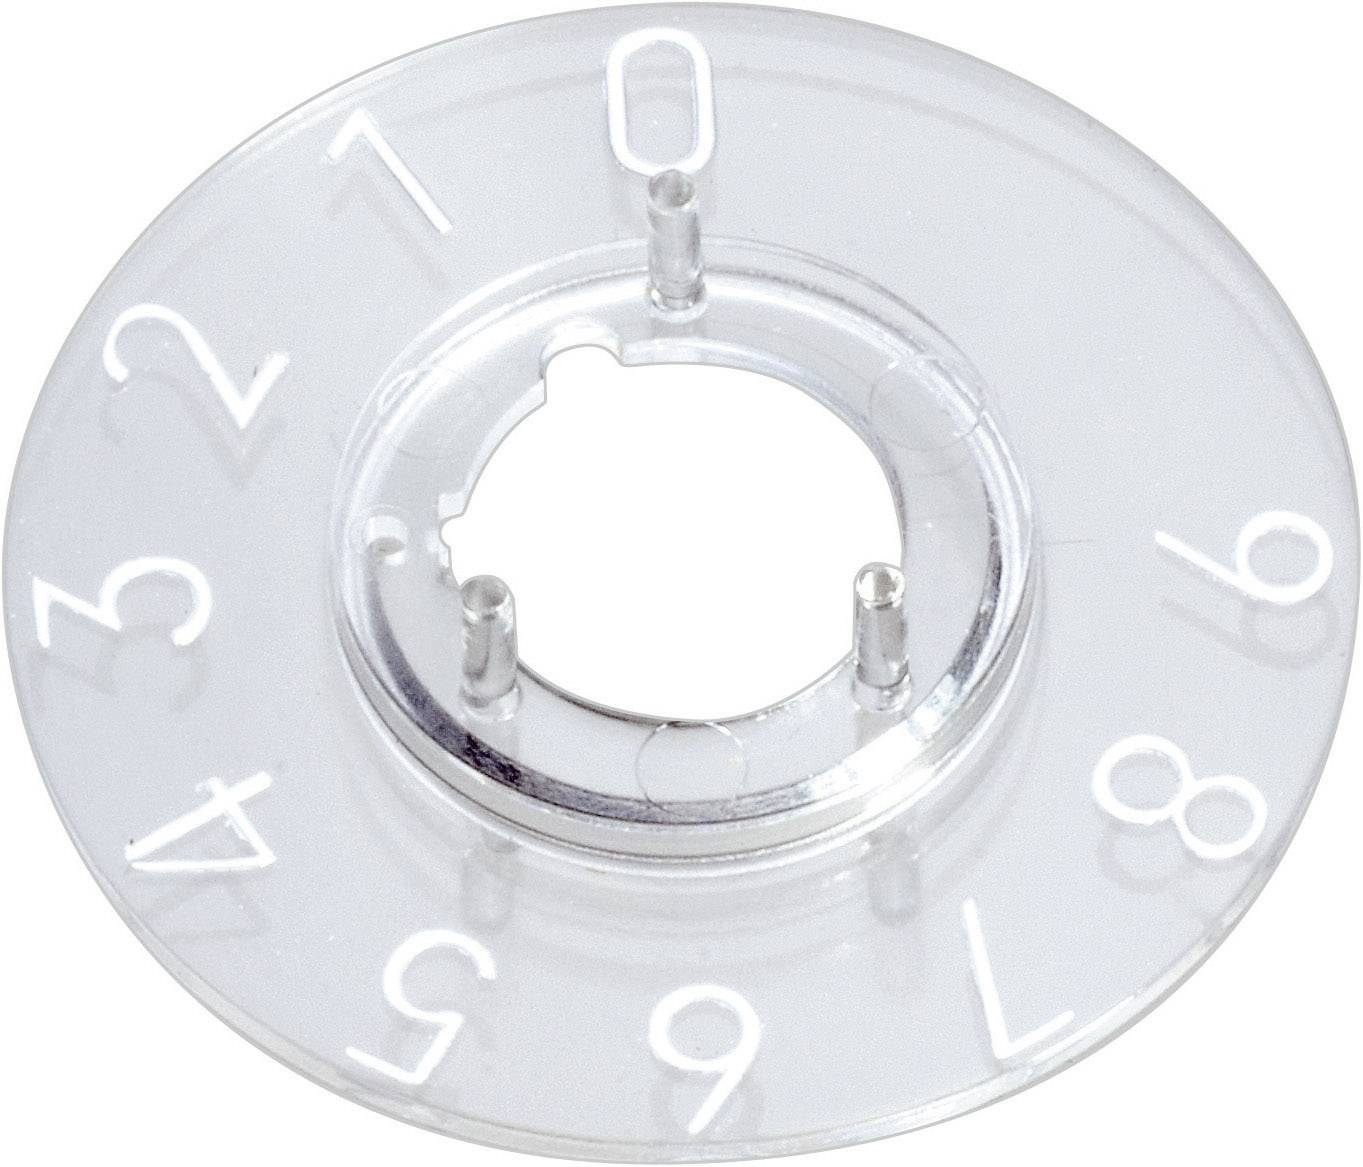 Kruhová stupnice OKW, vhodná pro knoflík Ø 10 mm,rozsah 1-10, transparentní